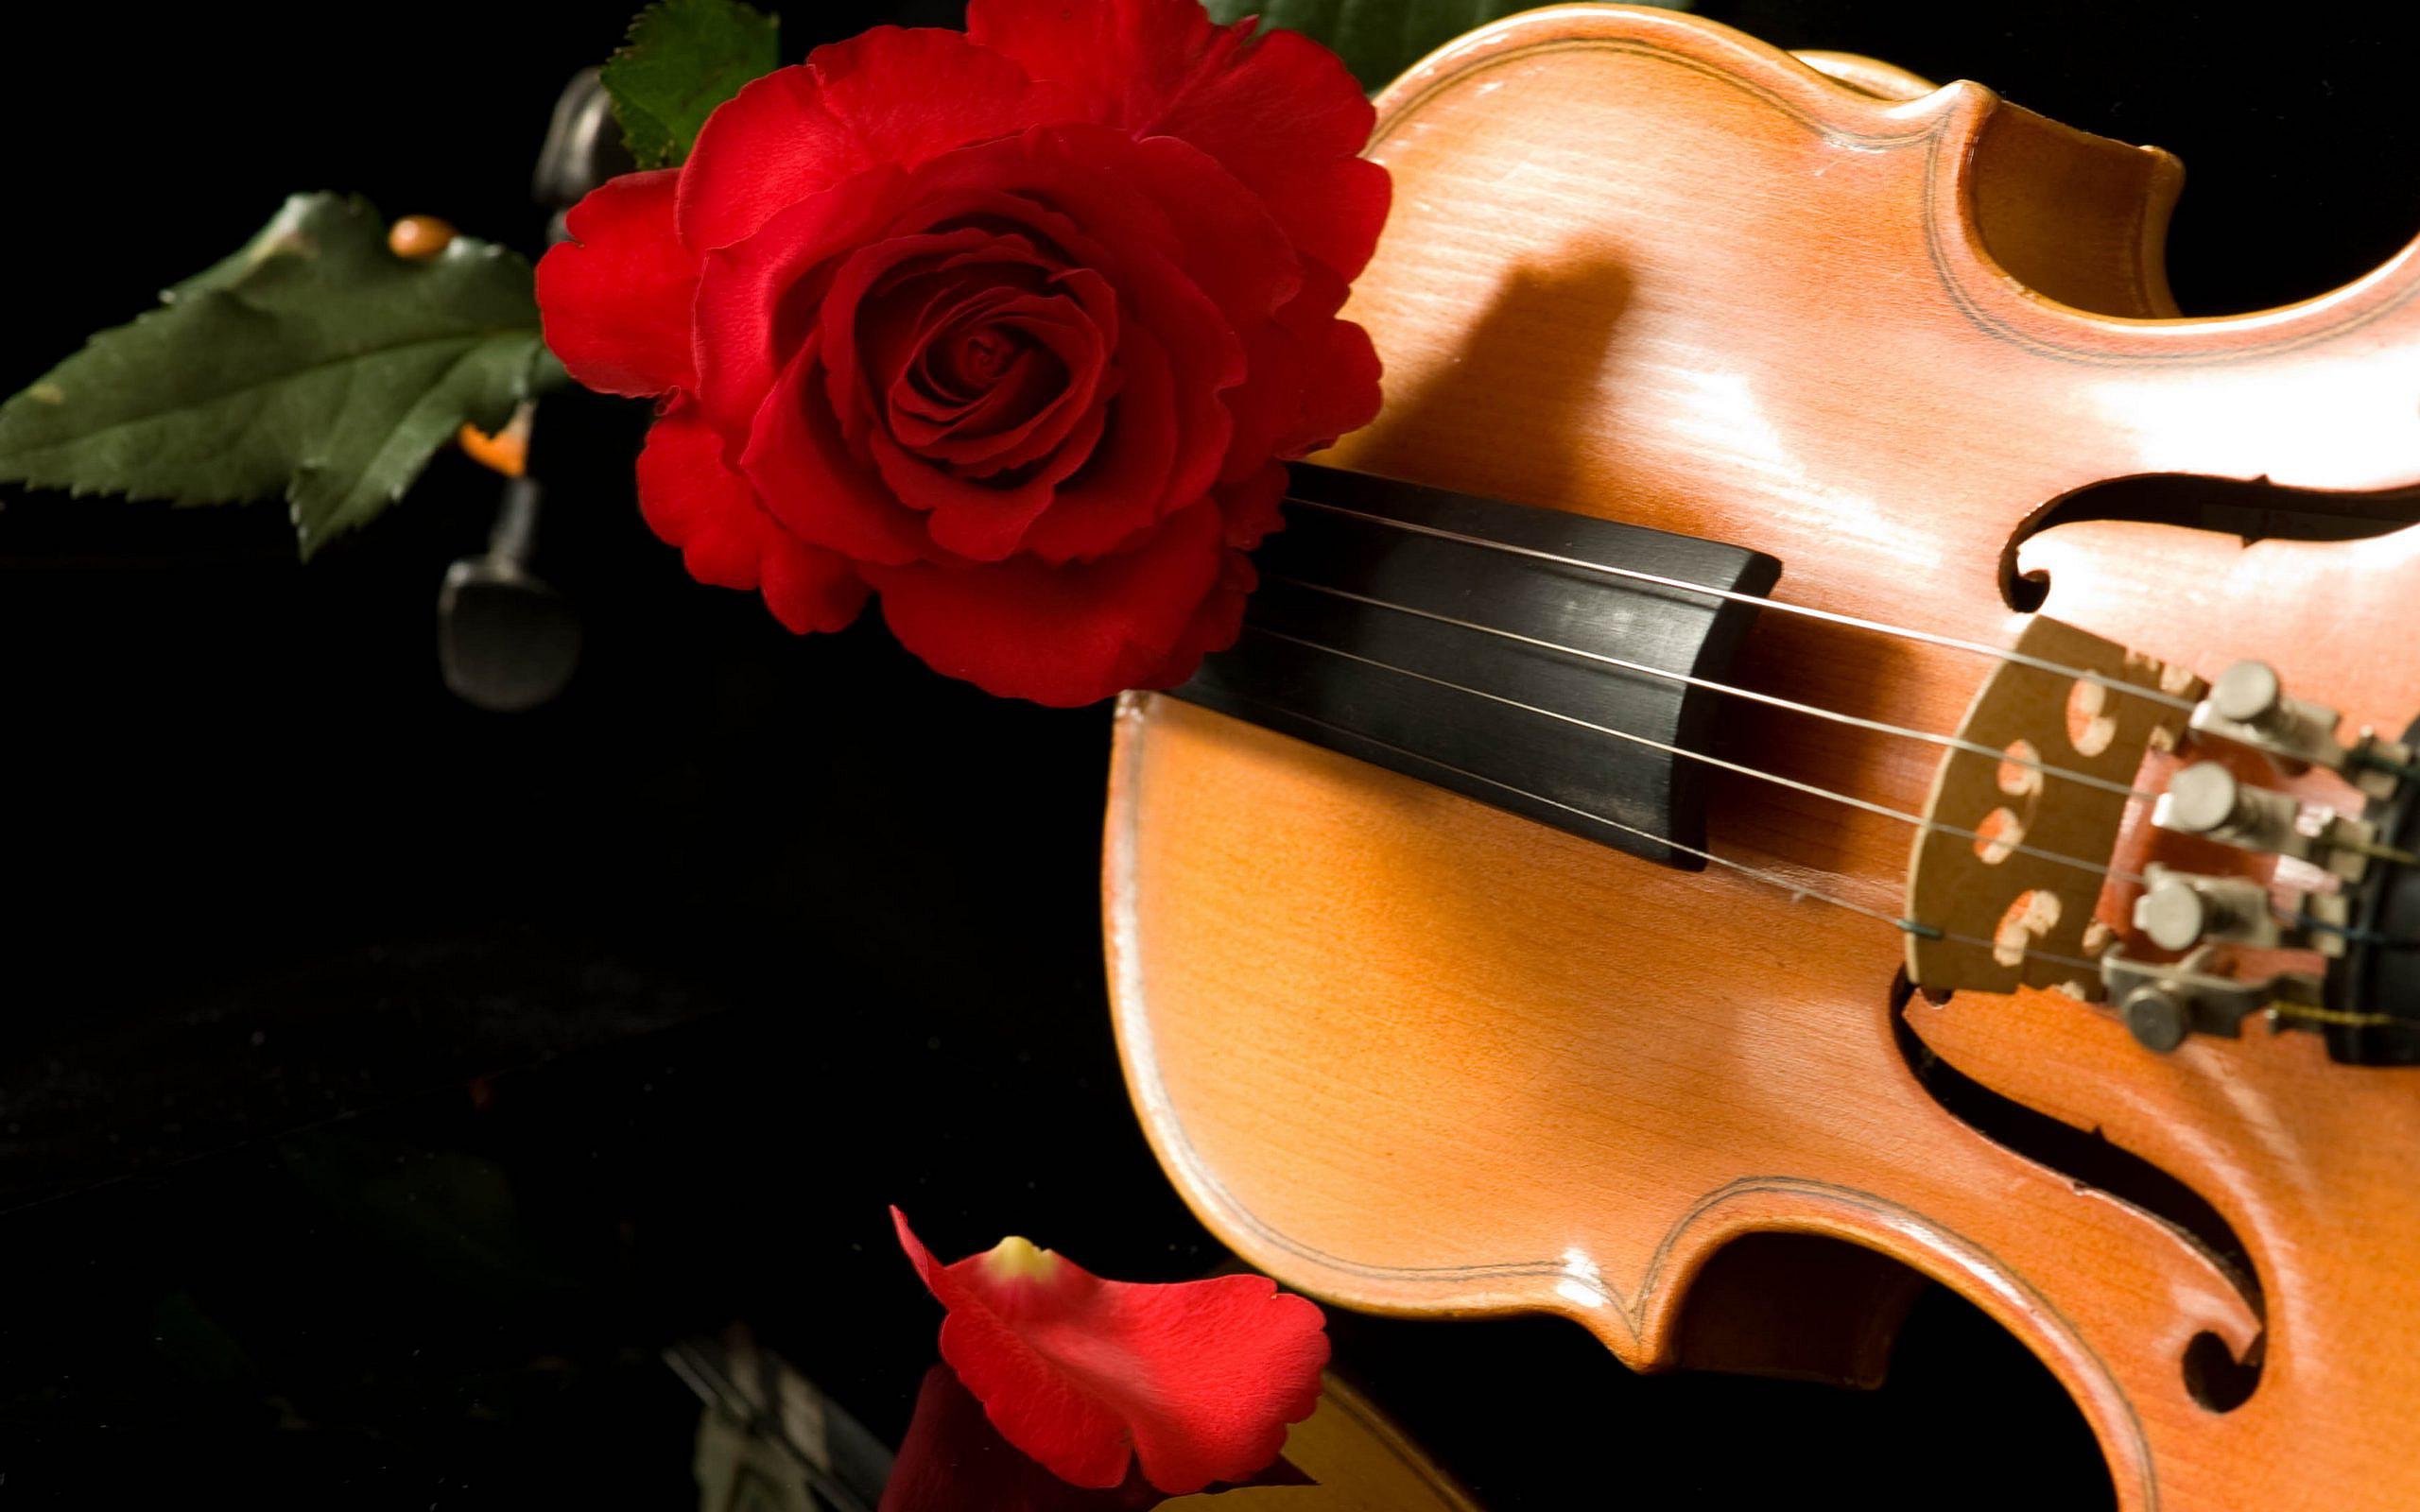 Violin Roses Wallpaper 2560x1600 28842